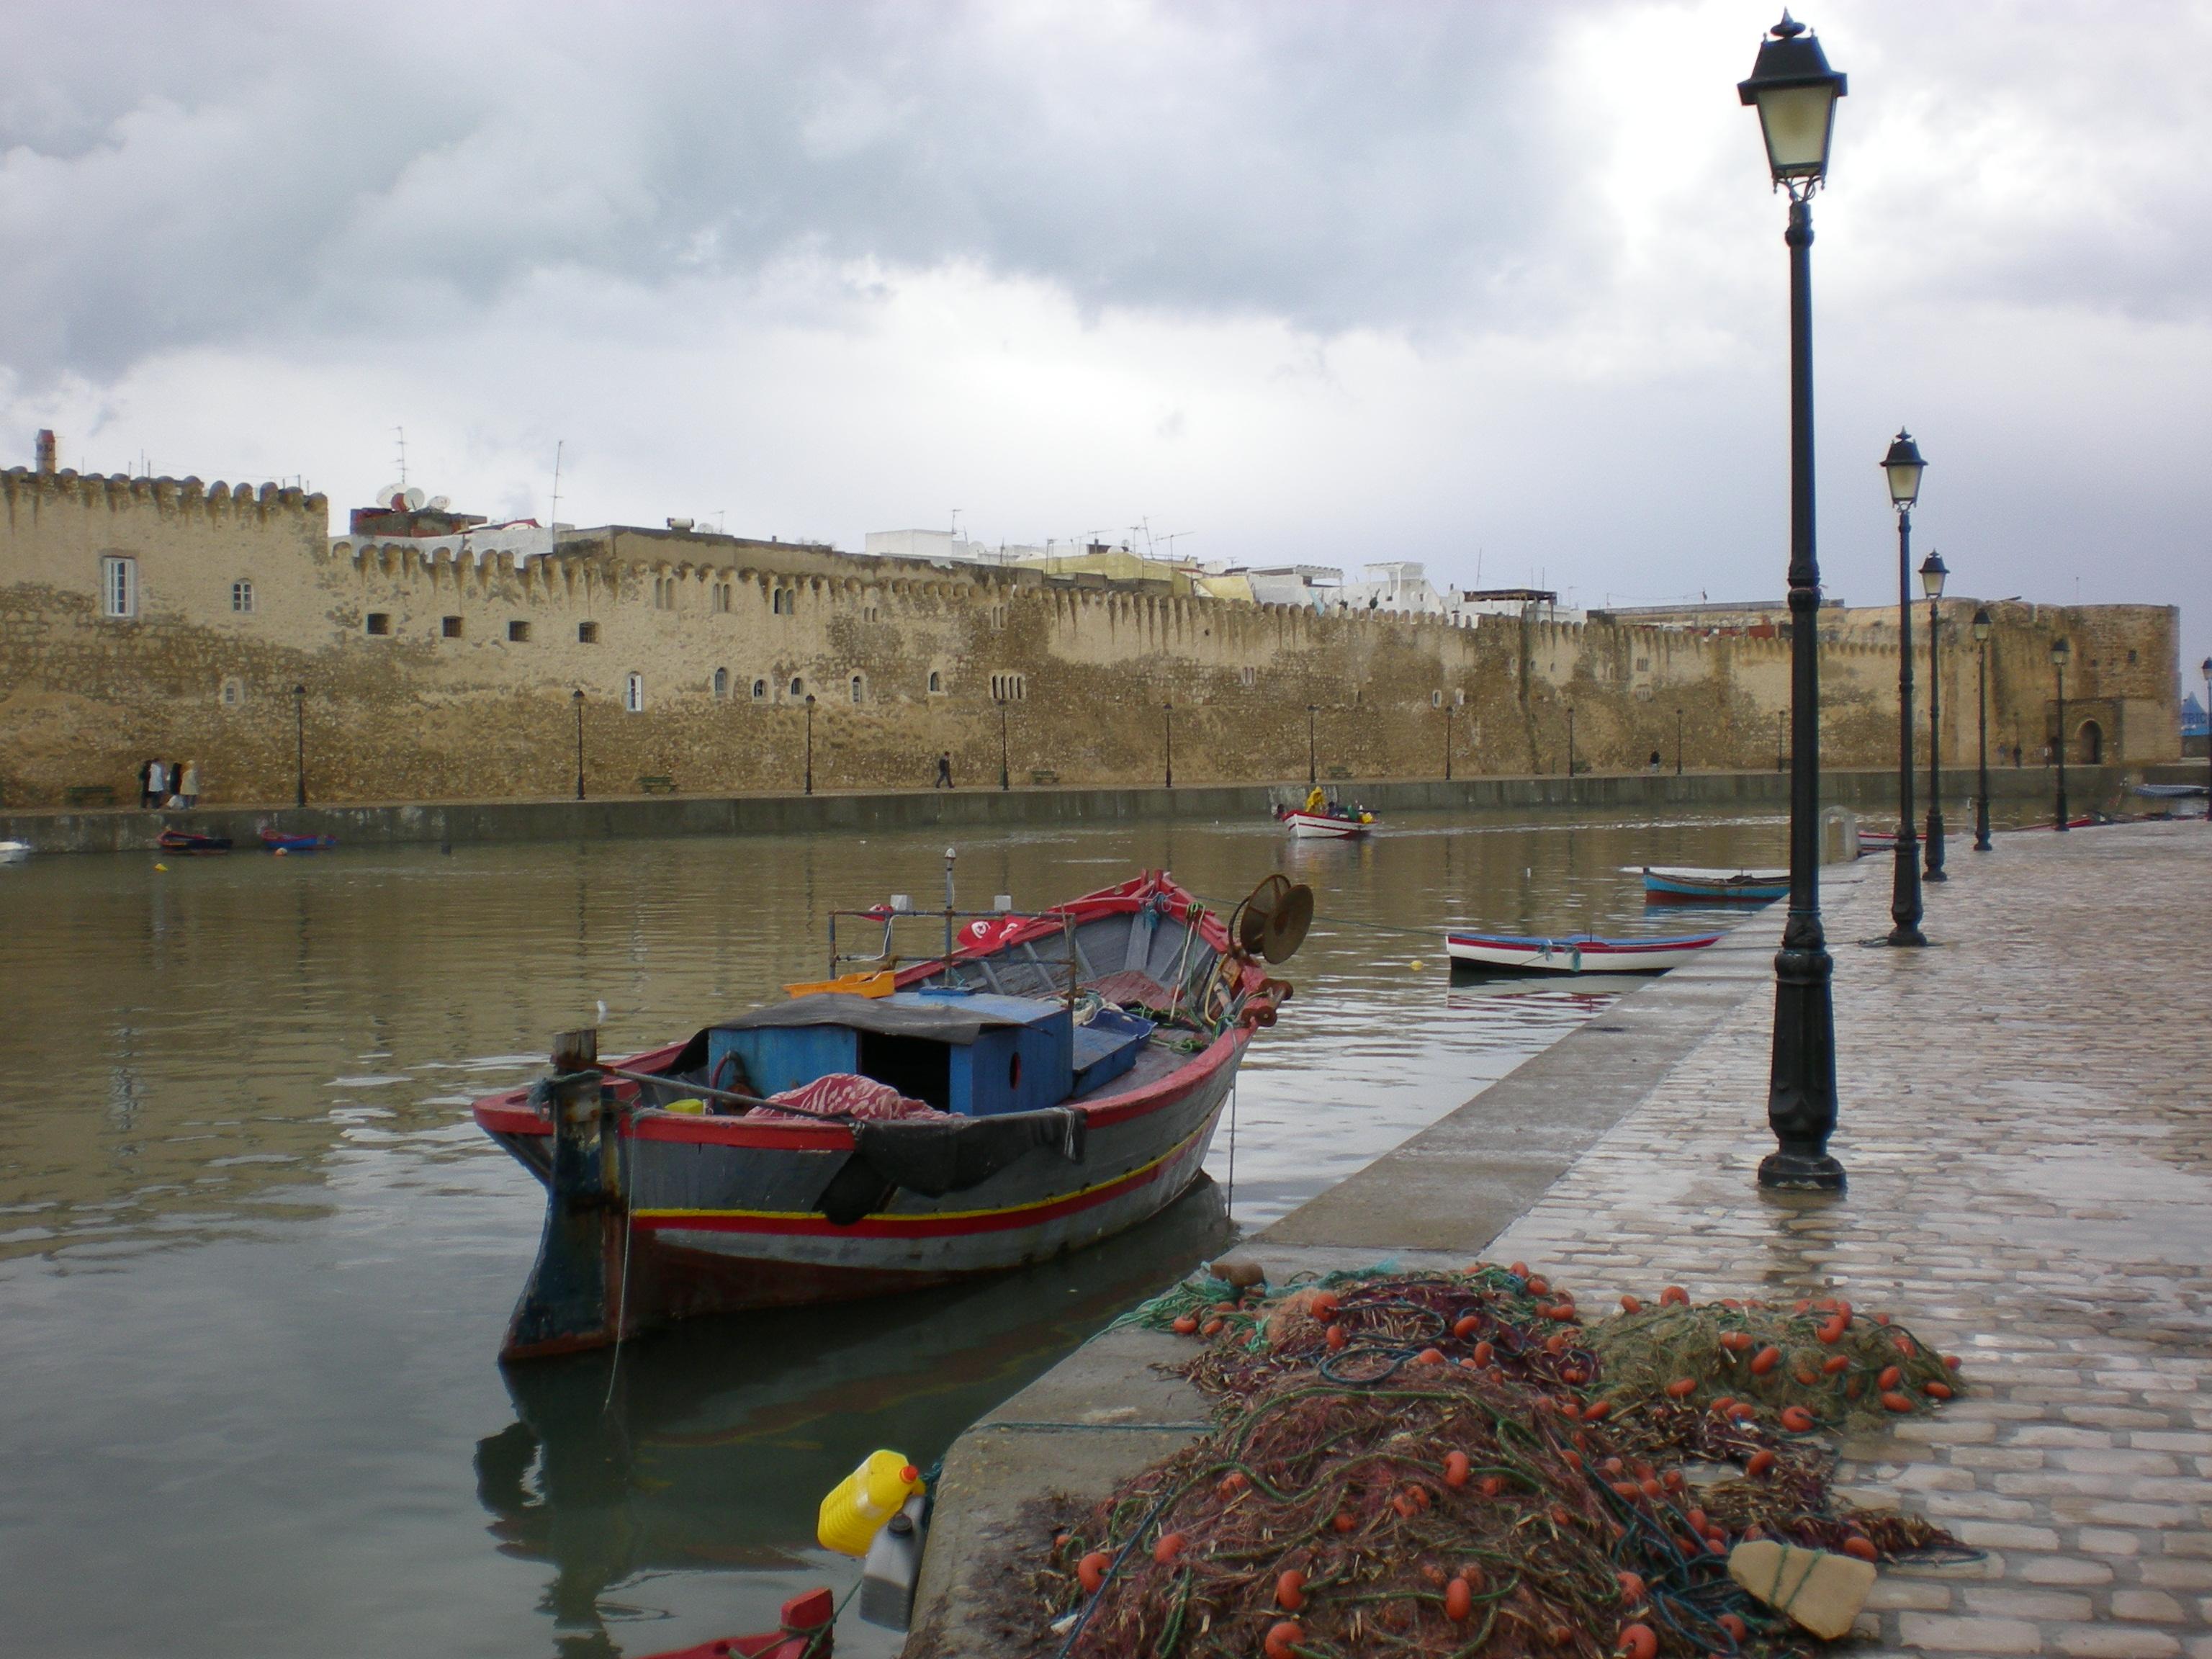 التعريف بتونس كبلد سياحي المعلومات EmbauchurePortPecheBizerte.JPG